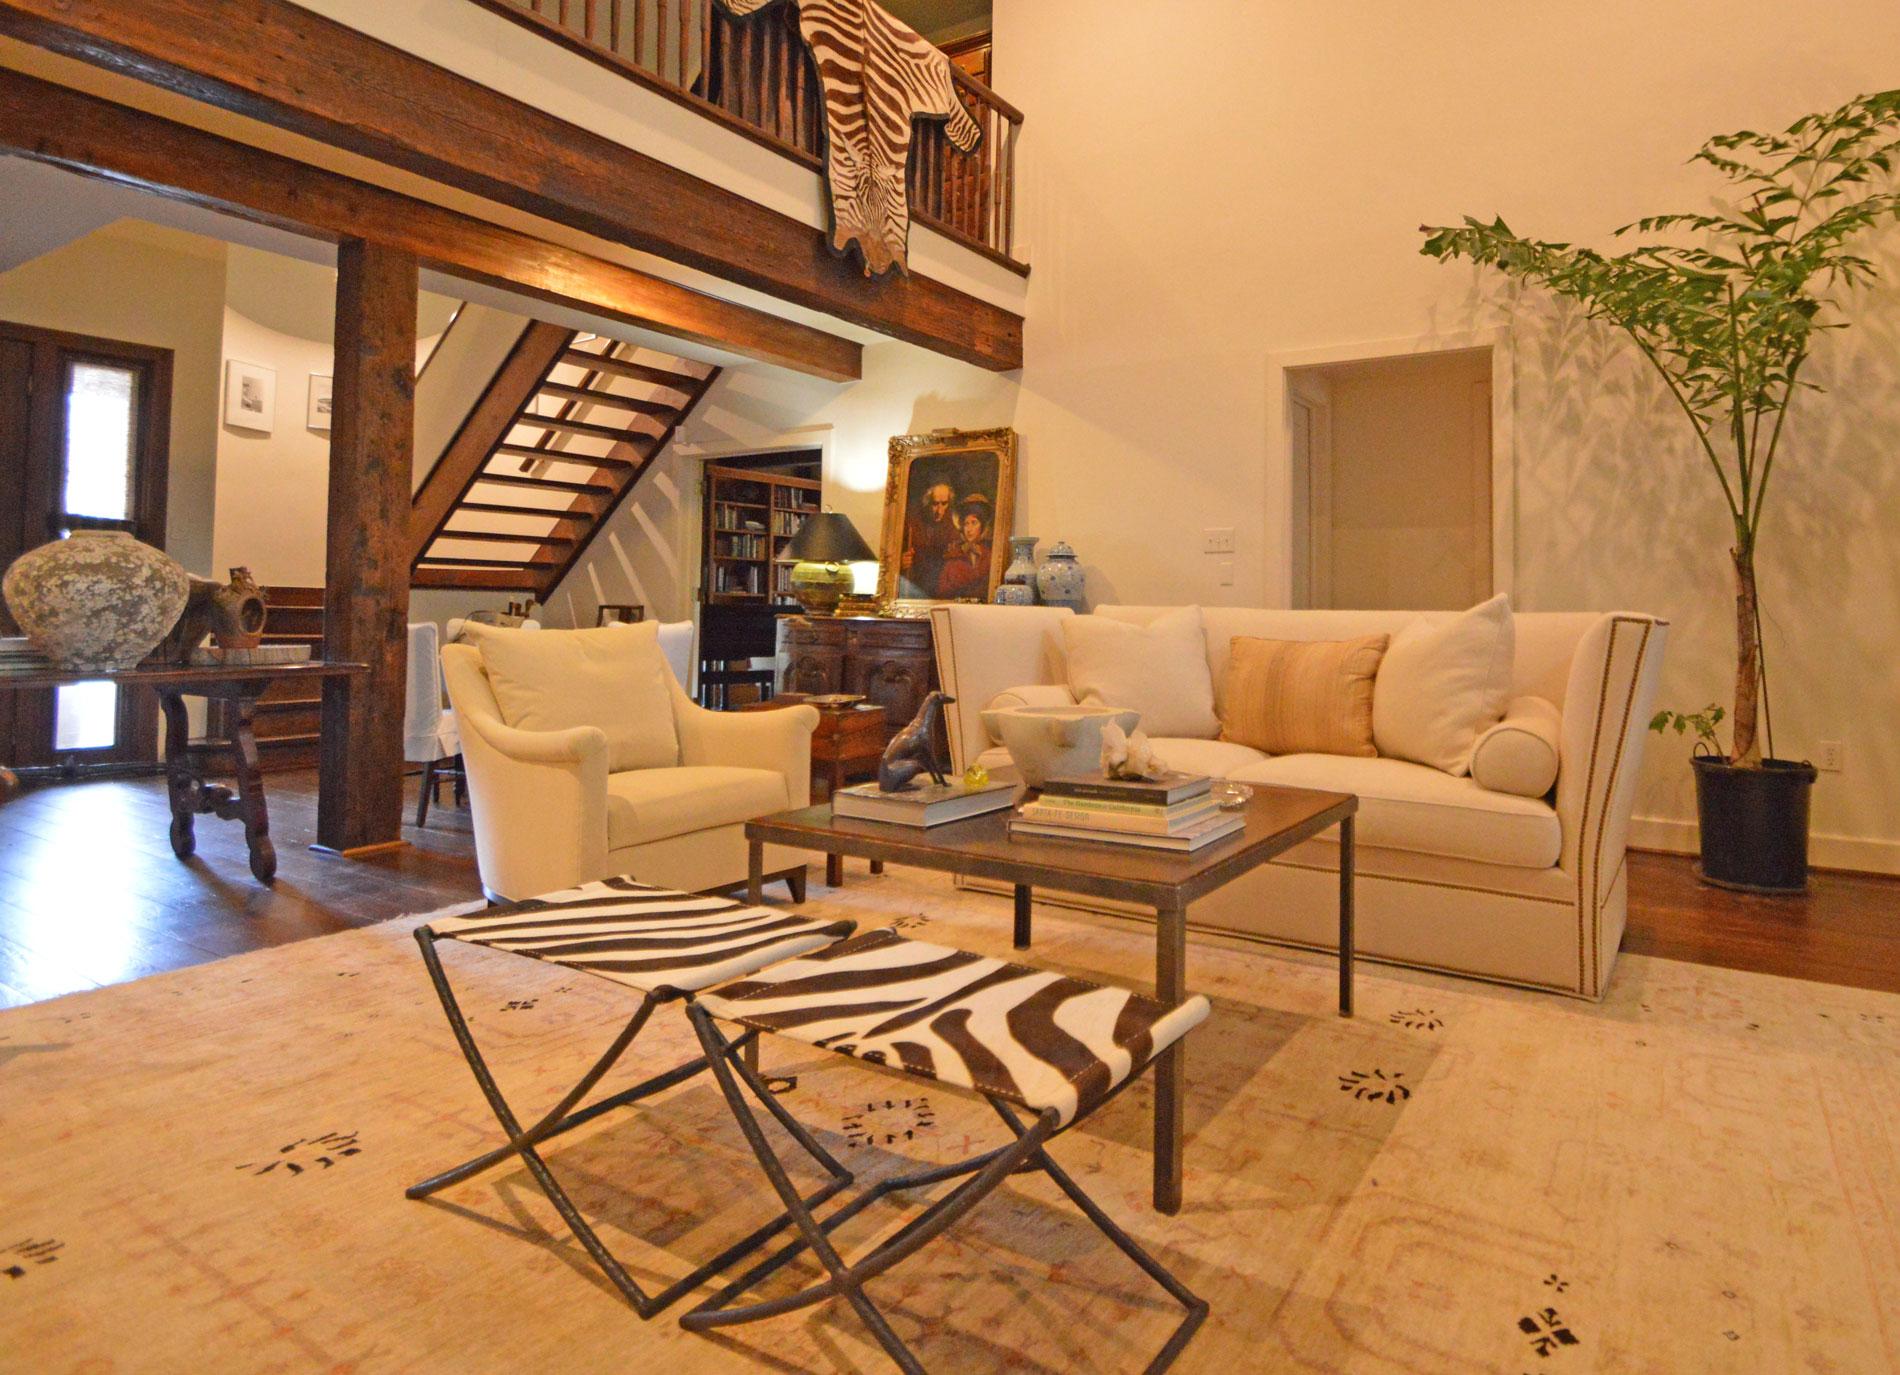 sindel-joel-dixon-smith-interiors-baton-rouge-interior-design-custom-furniture-web-0007